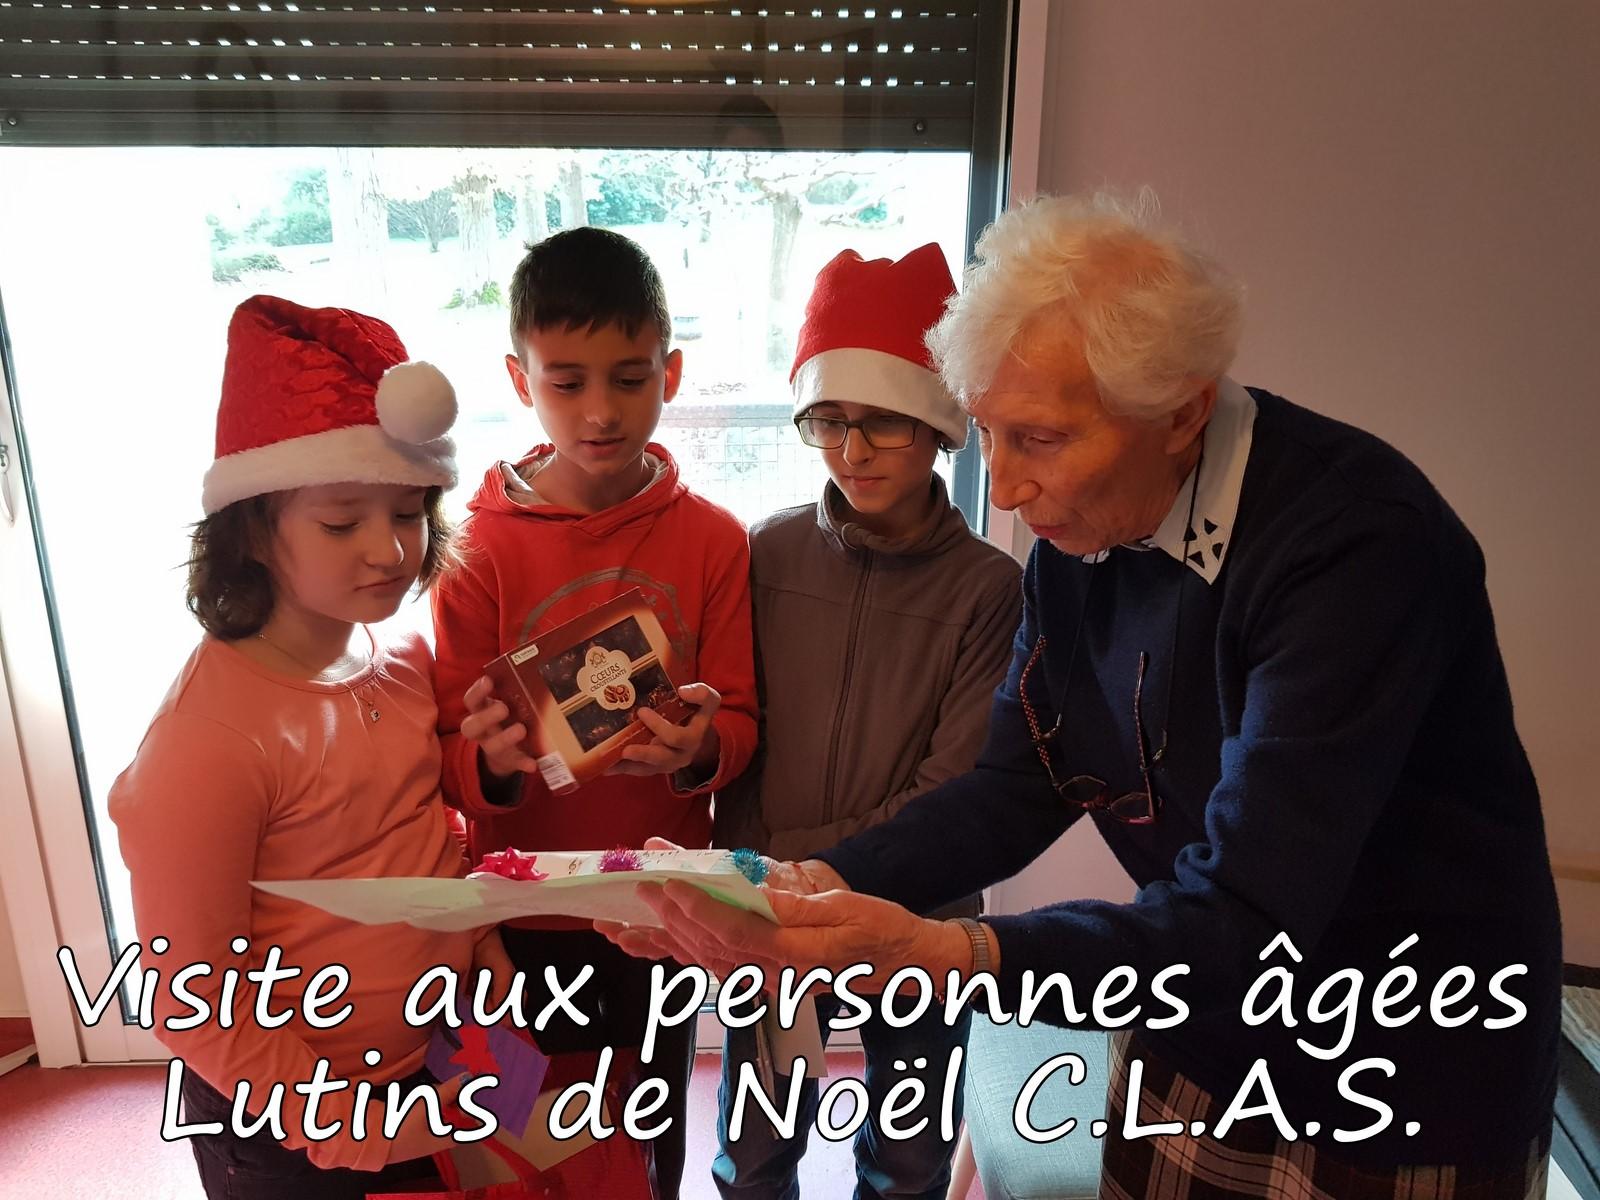 Visite-aux-personnes-agees-Lutins-de-Noel-CLAS